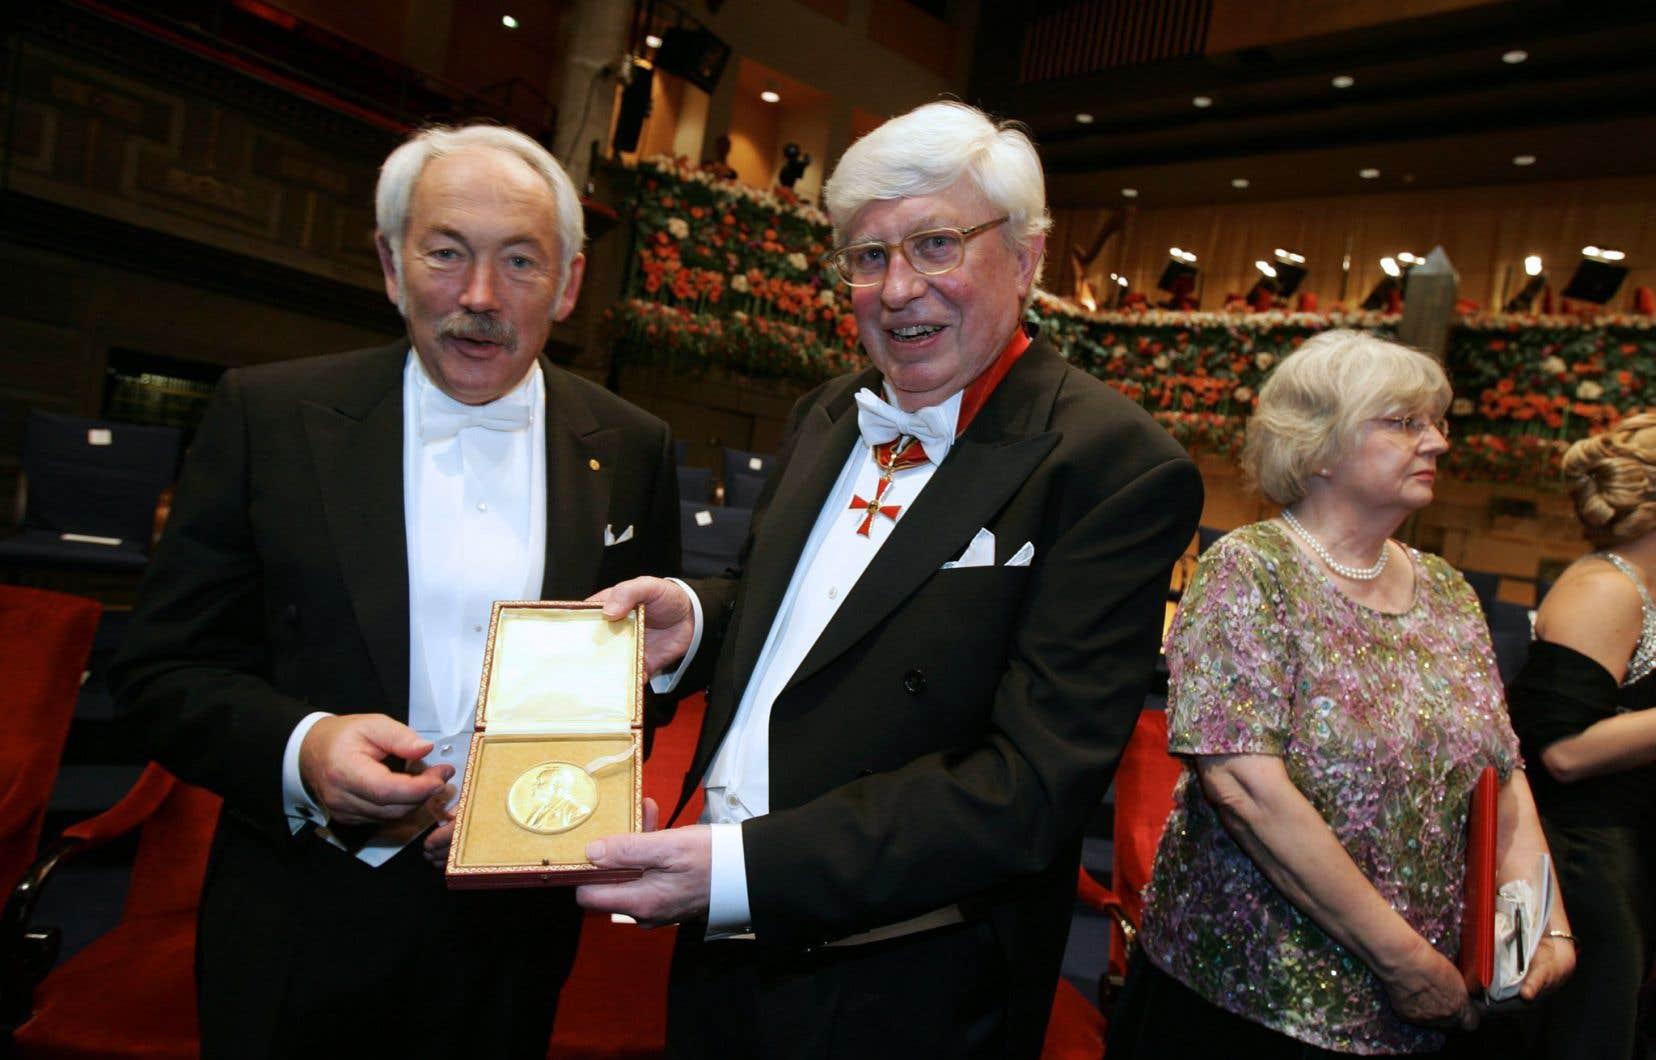 Peter Grünberg, prix Nobel de physique en 2007, aux côtés deGerhard Ertl, lauréat du prix Nobel de chimie.